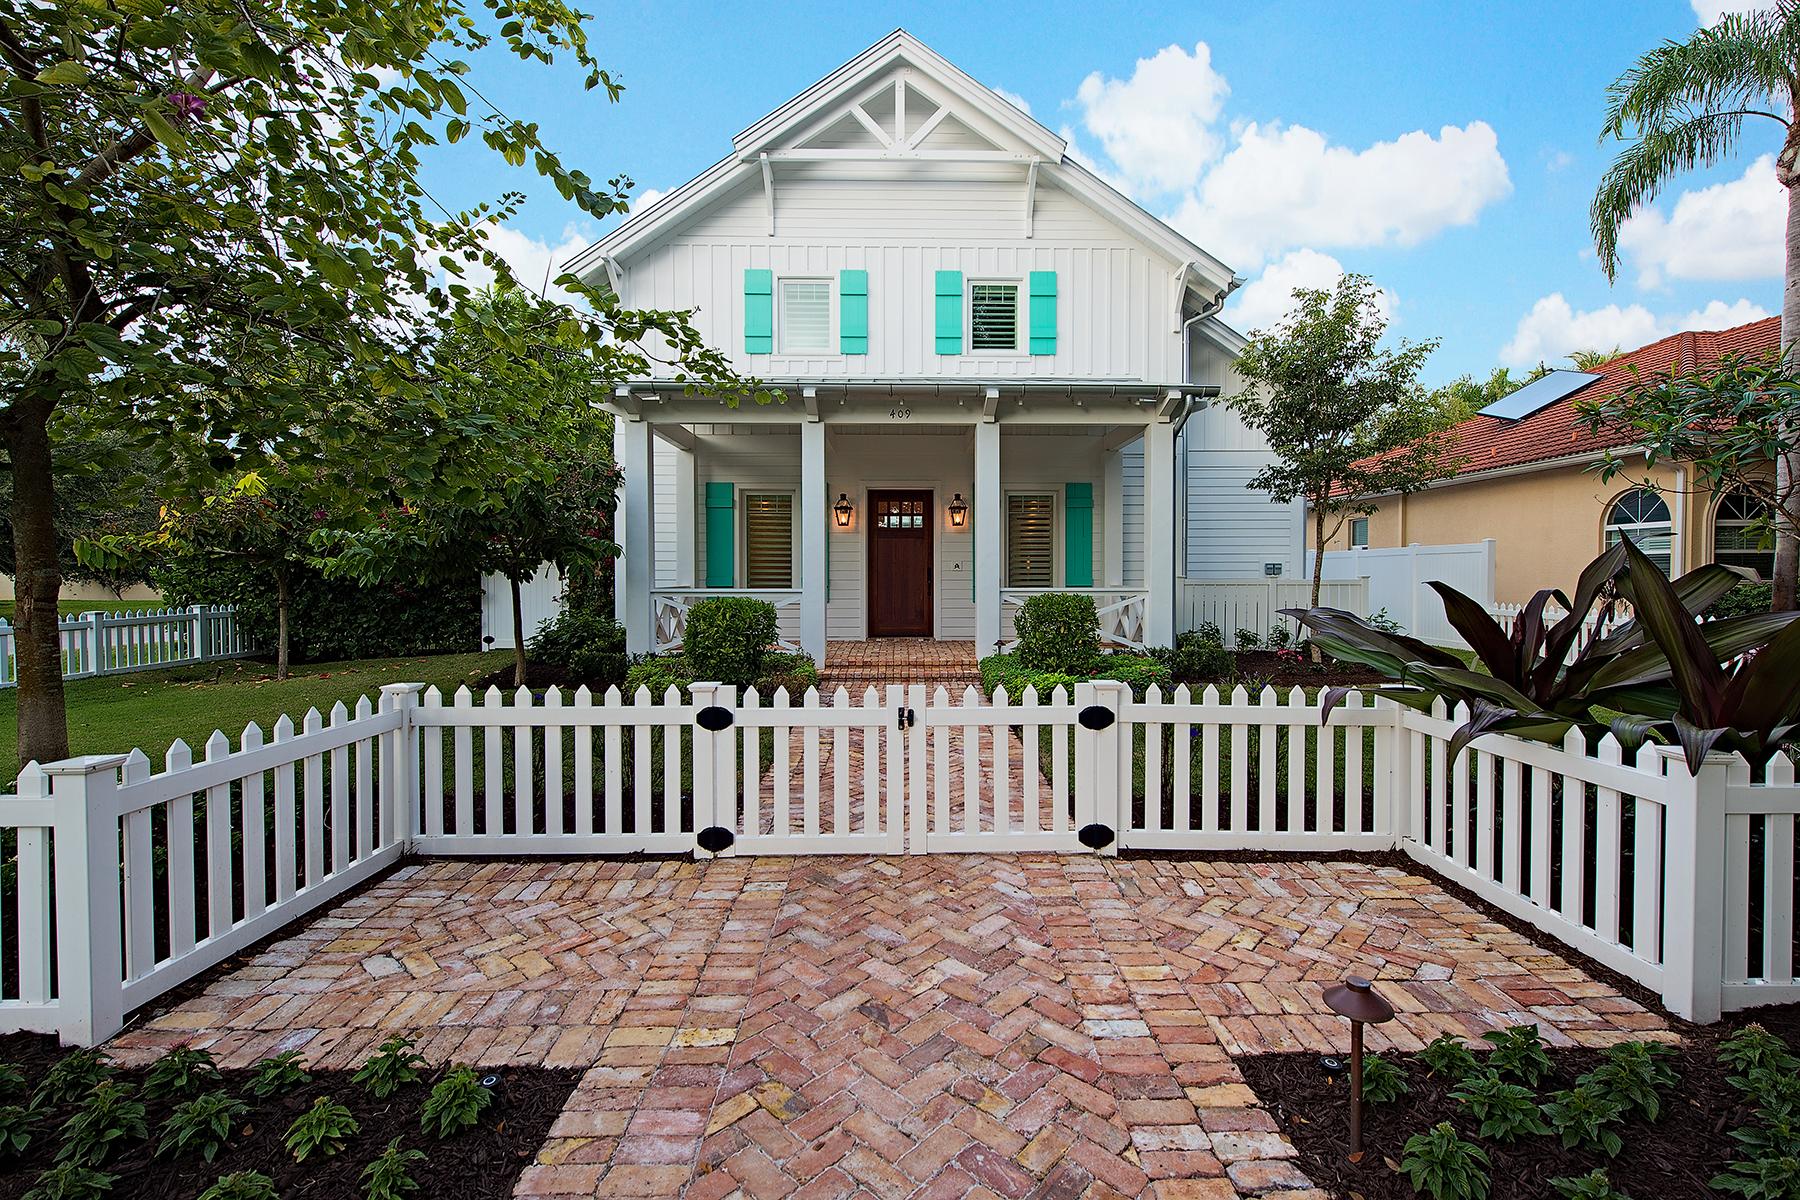 独户住宅 为 销售 在 OLD NAPLES 409 1st Ave N 那不勒斯, 佛罗里达州, 34102 美国